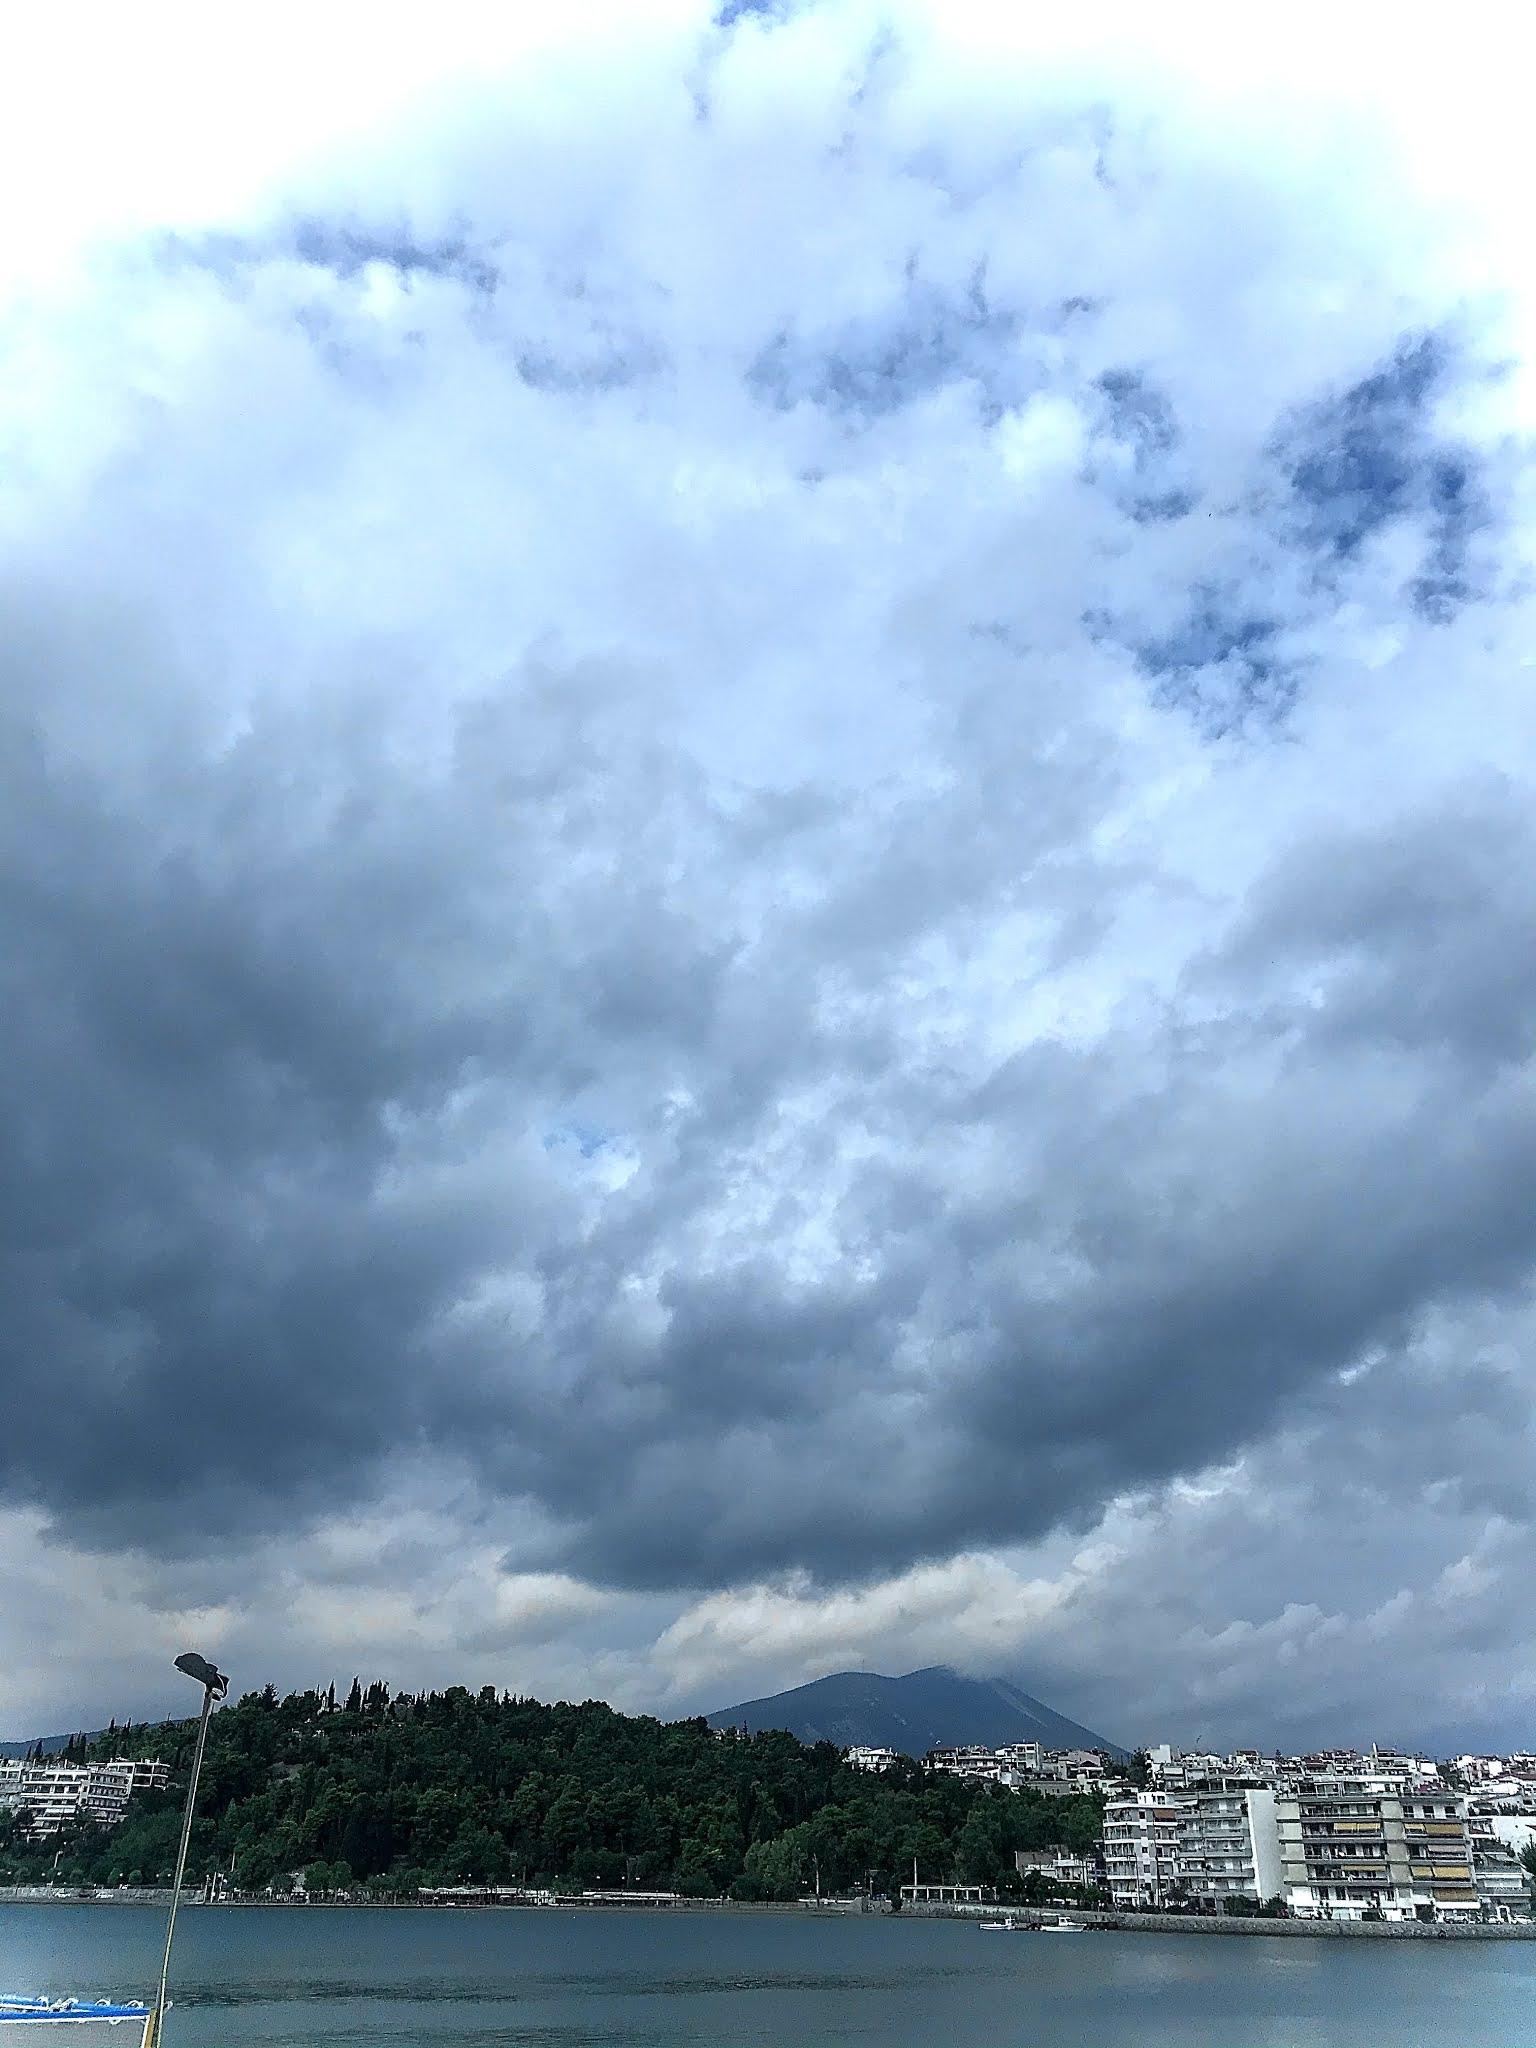 Οι φωτογραφίες είναι τραβηγμένες από την παραλία της Χαλκίδας. Το πρωί της Παρασκευής 18 Σεπτεμβρίου 2020 ο καιρός άρχισε να γίνεται άγριος.